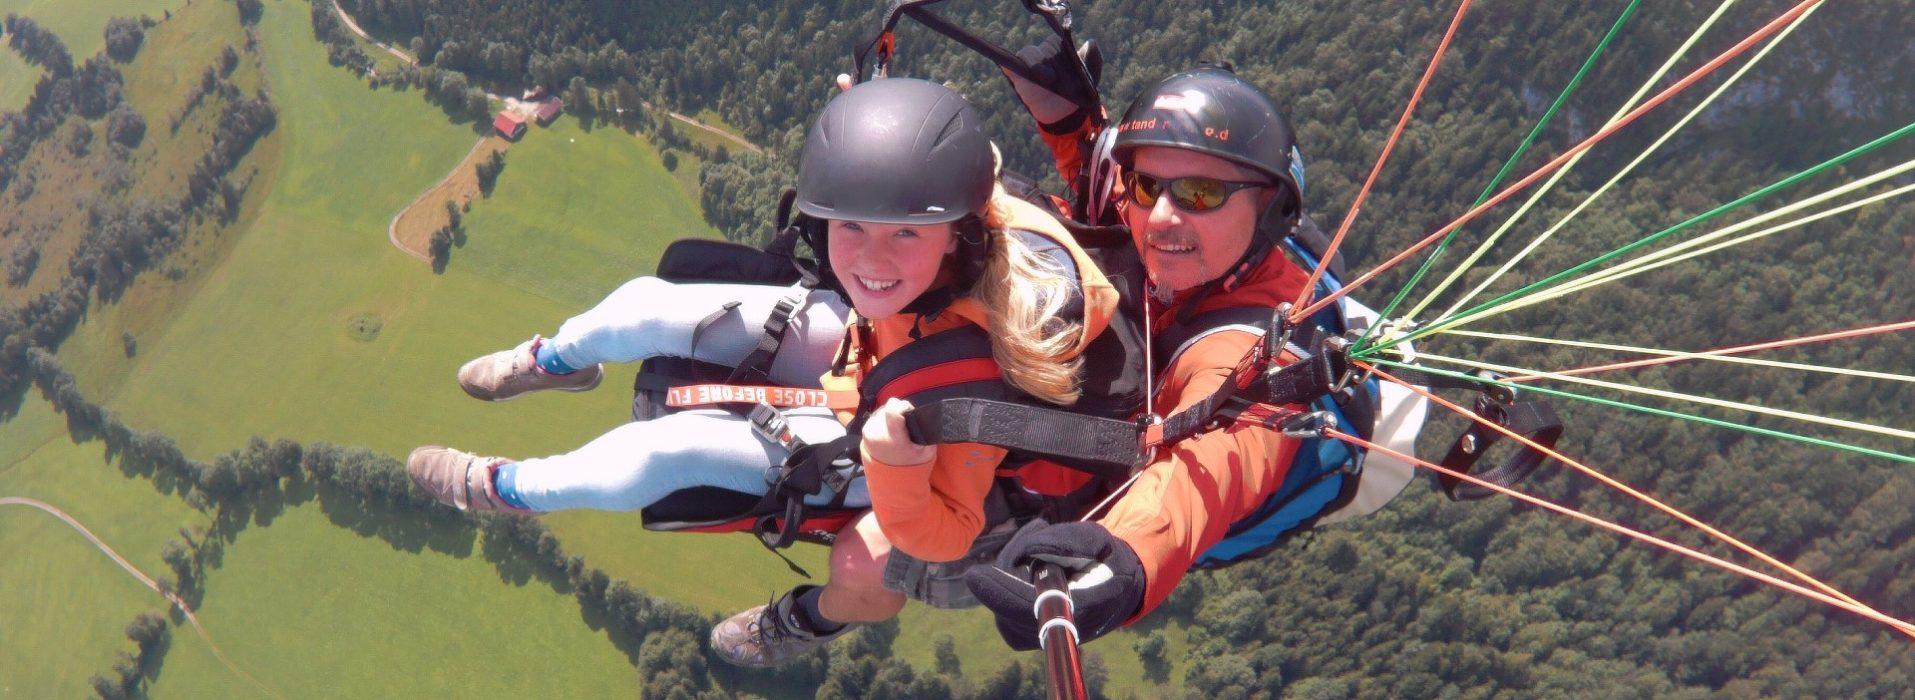 Kinder - Tandemflug am Brauneck